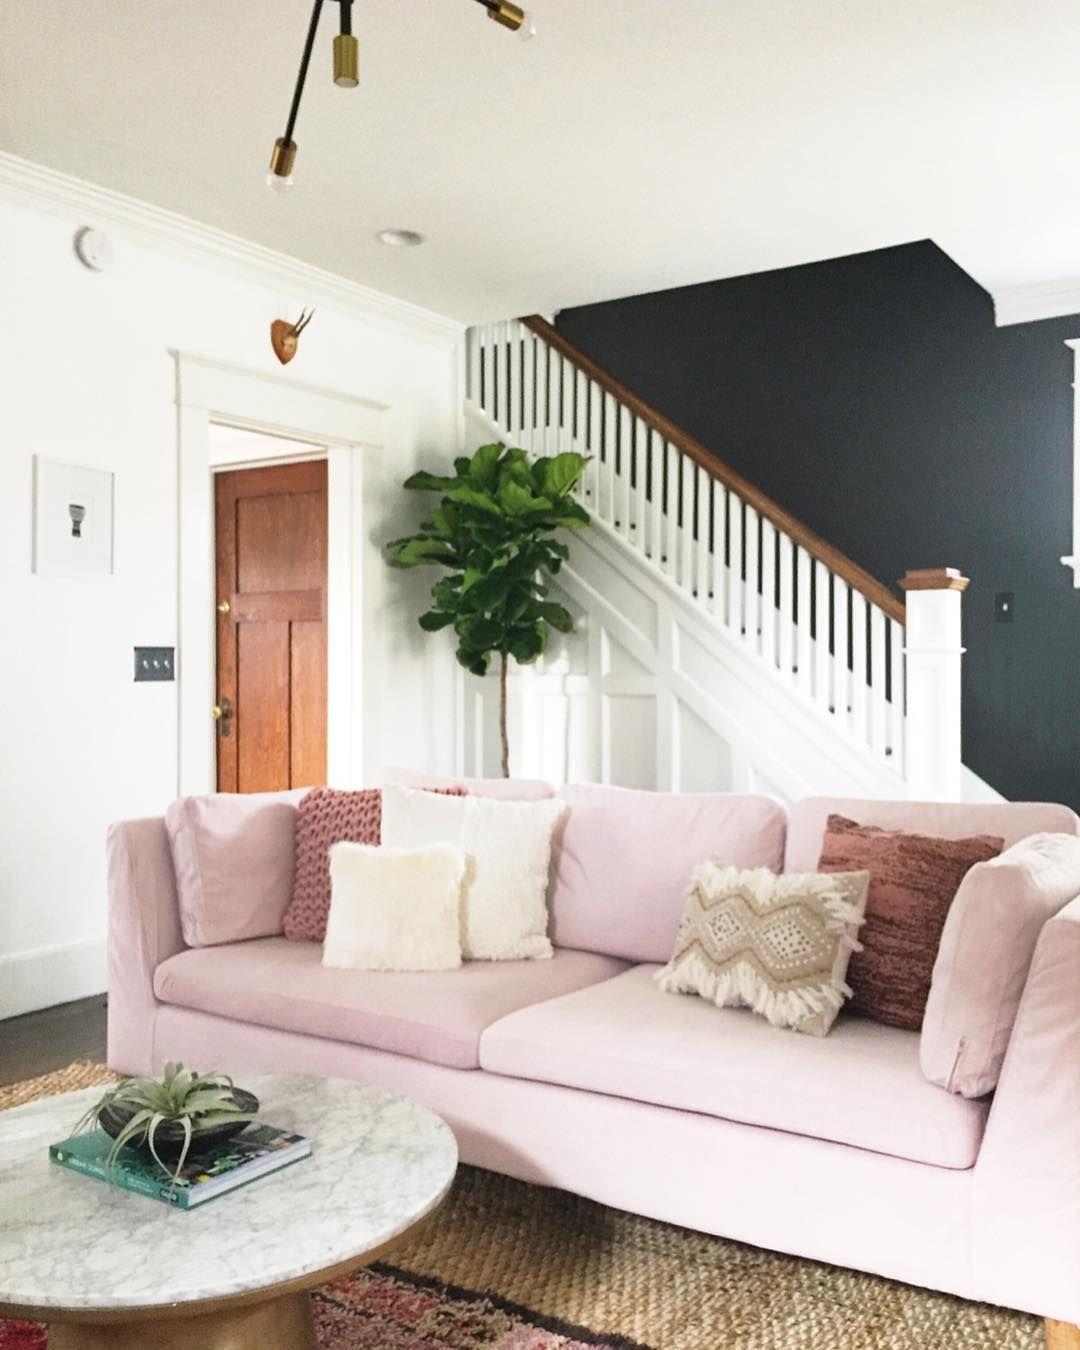 Blush velvet slipcovers for sofas, sofa beds, armchairs